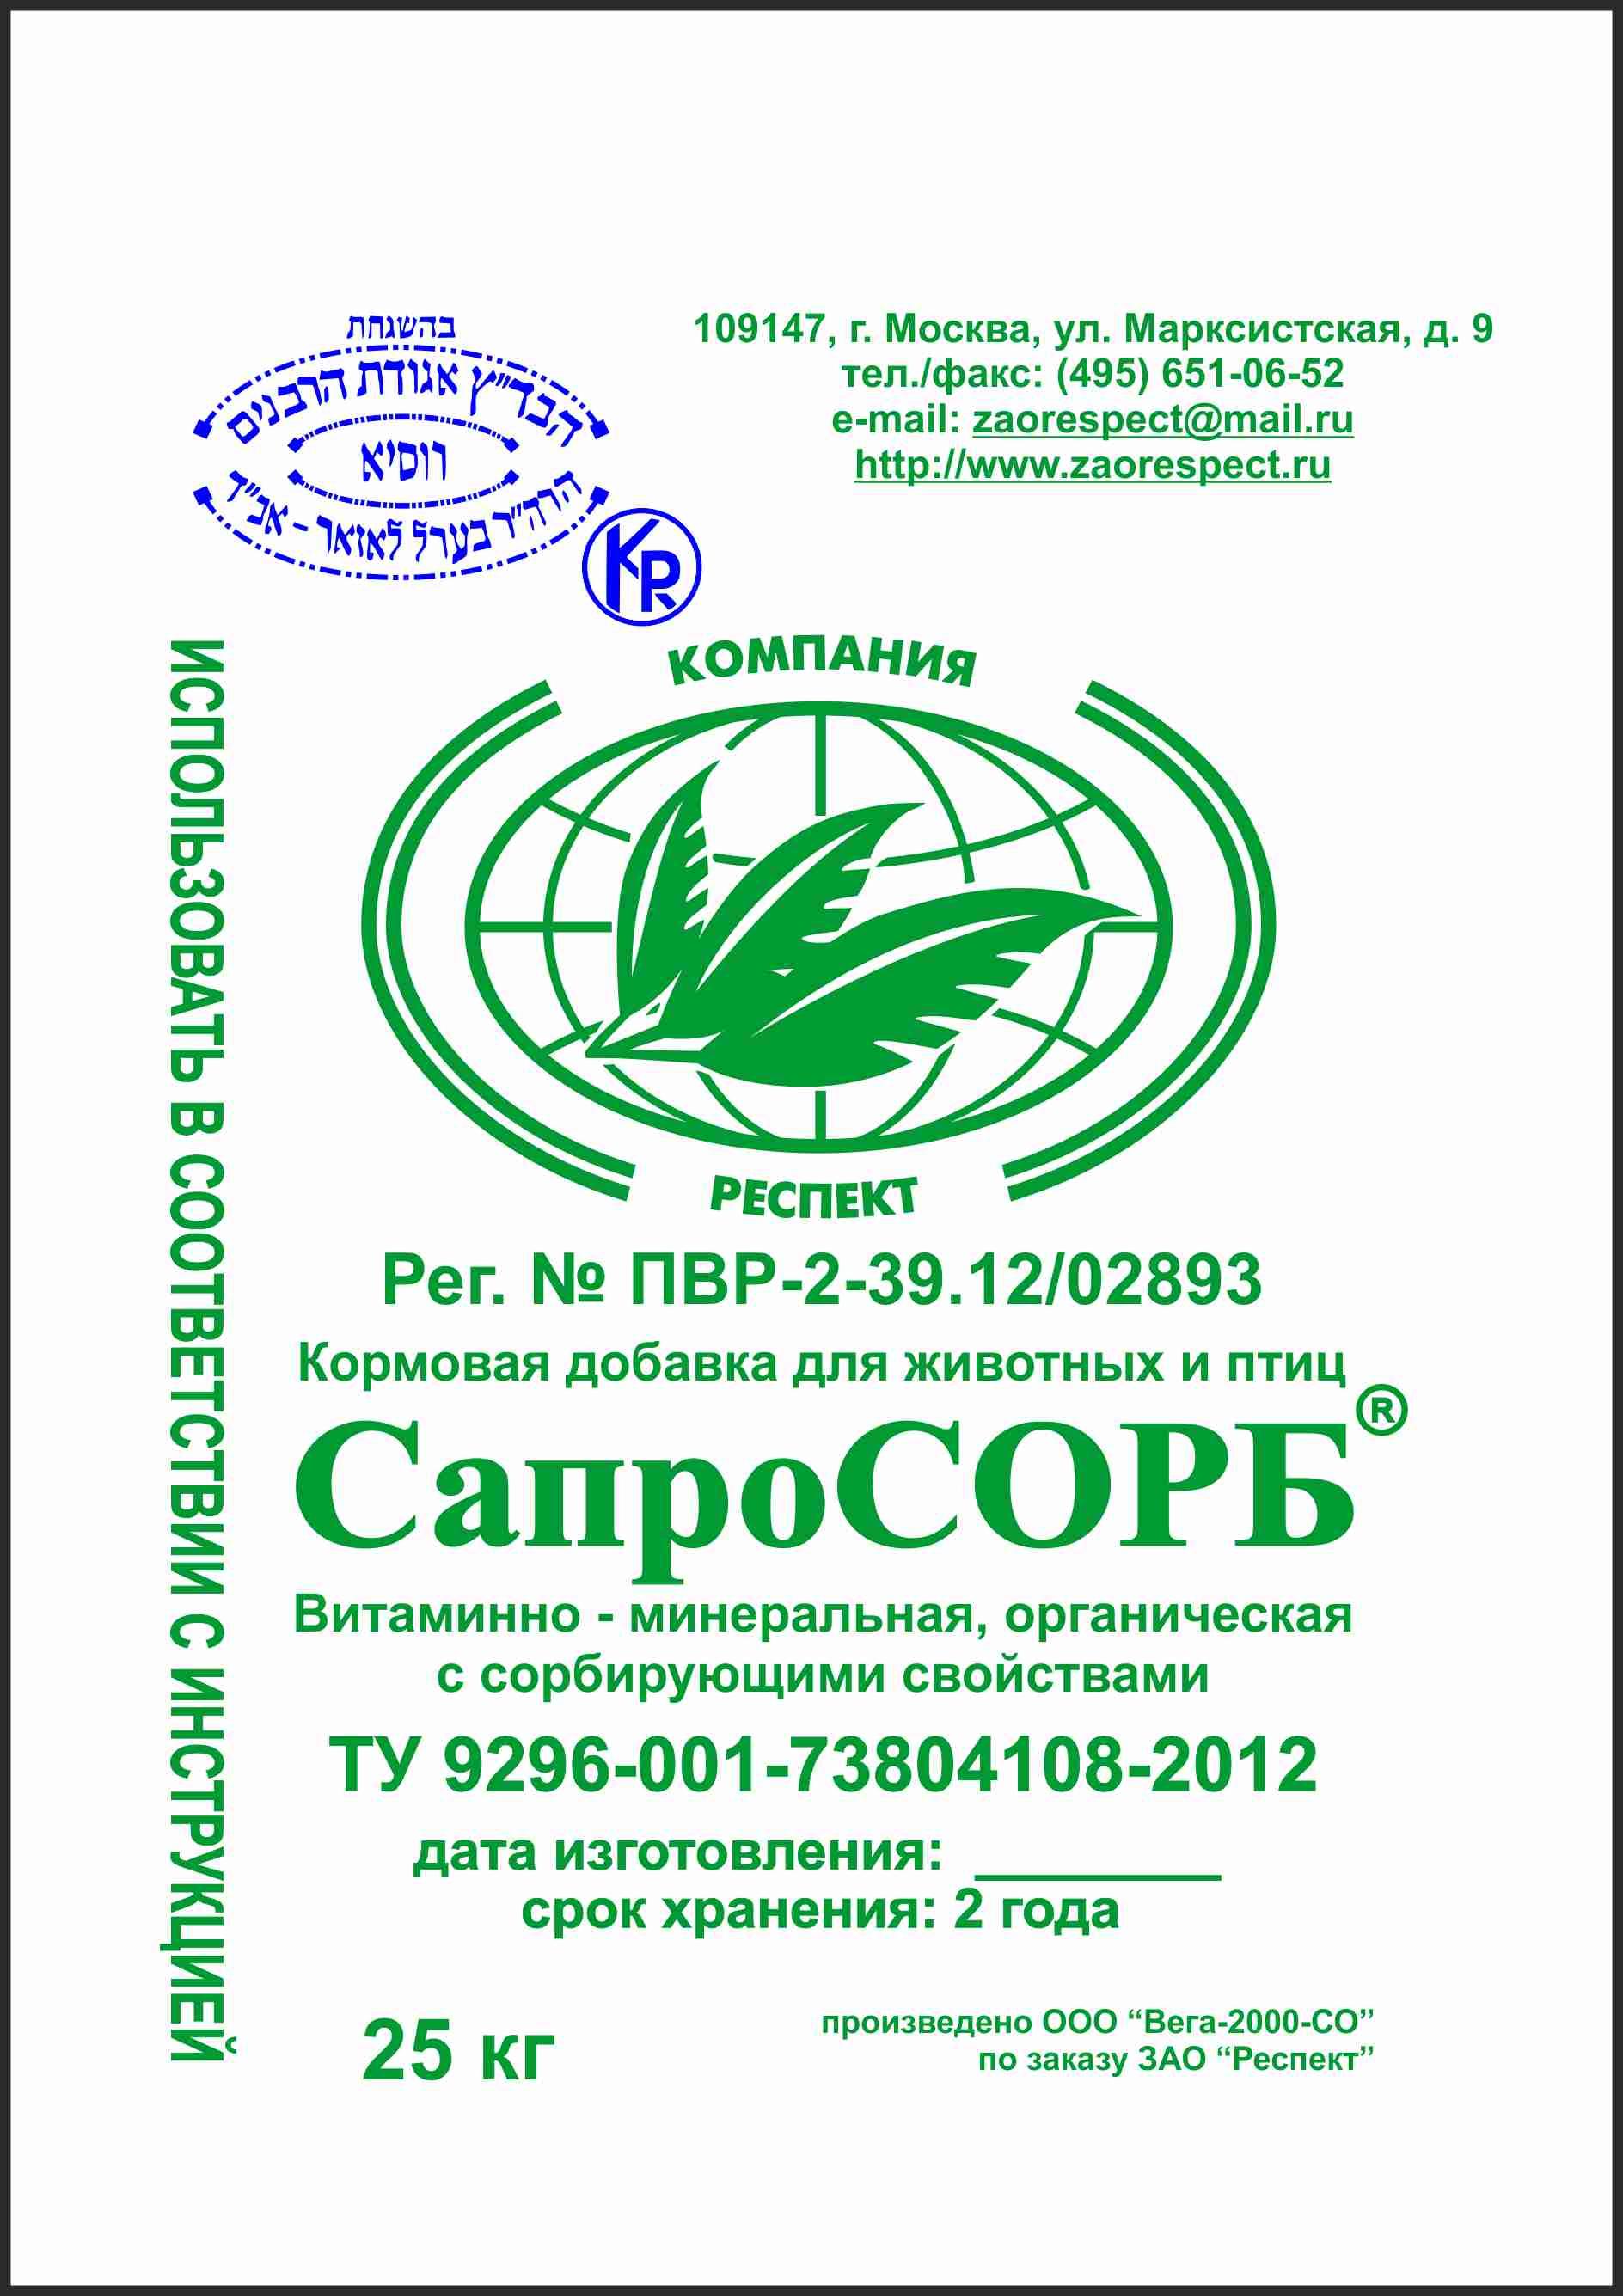 Кормовая добавка для животных продукт сорбирующий Сапросорб Saprosorb применяется для адсорбции микотоксинов в кормах сельскохозяйственных животных в том числе и птиц, животноводство